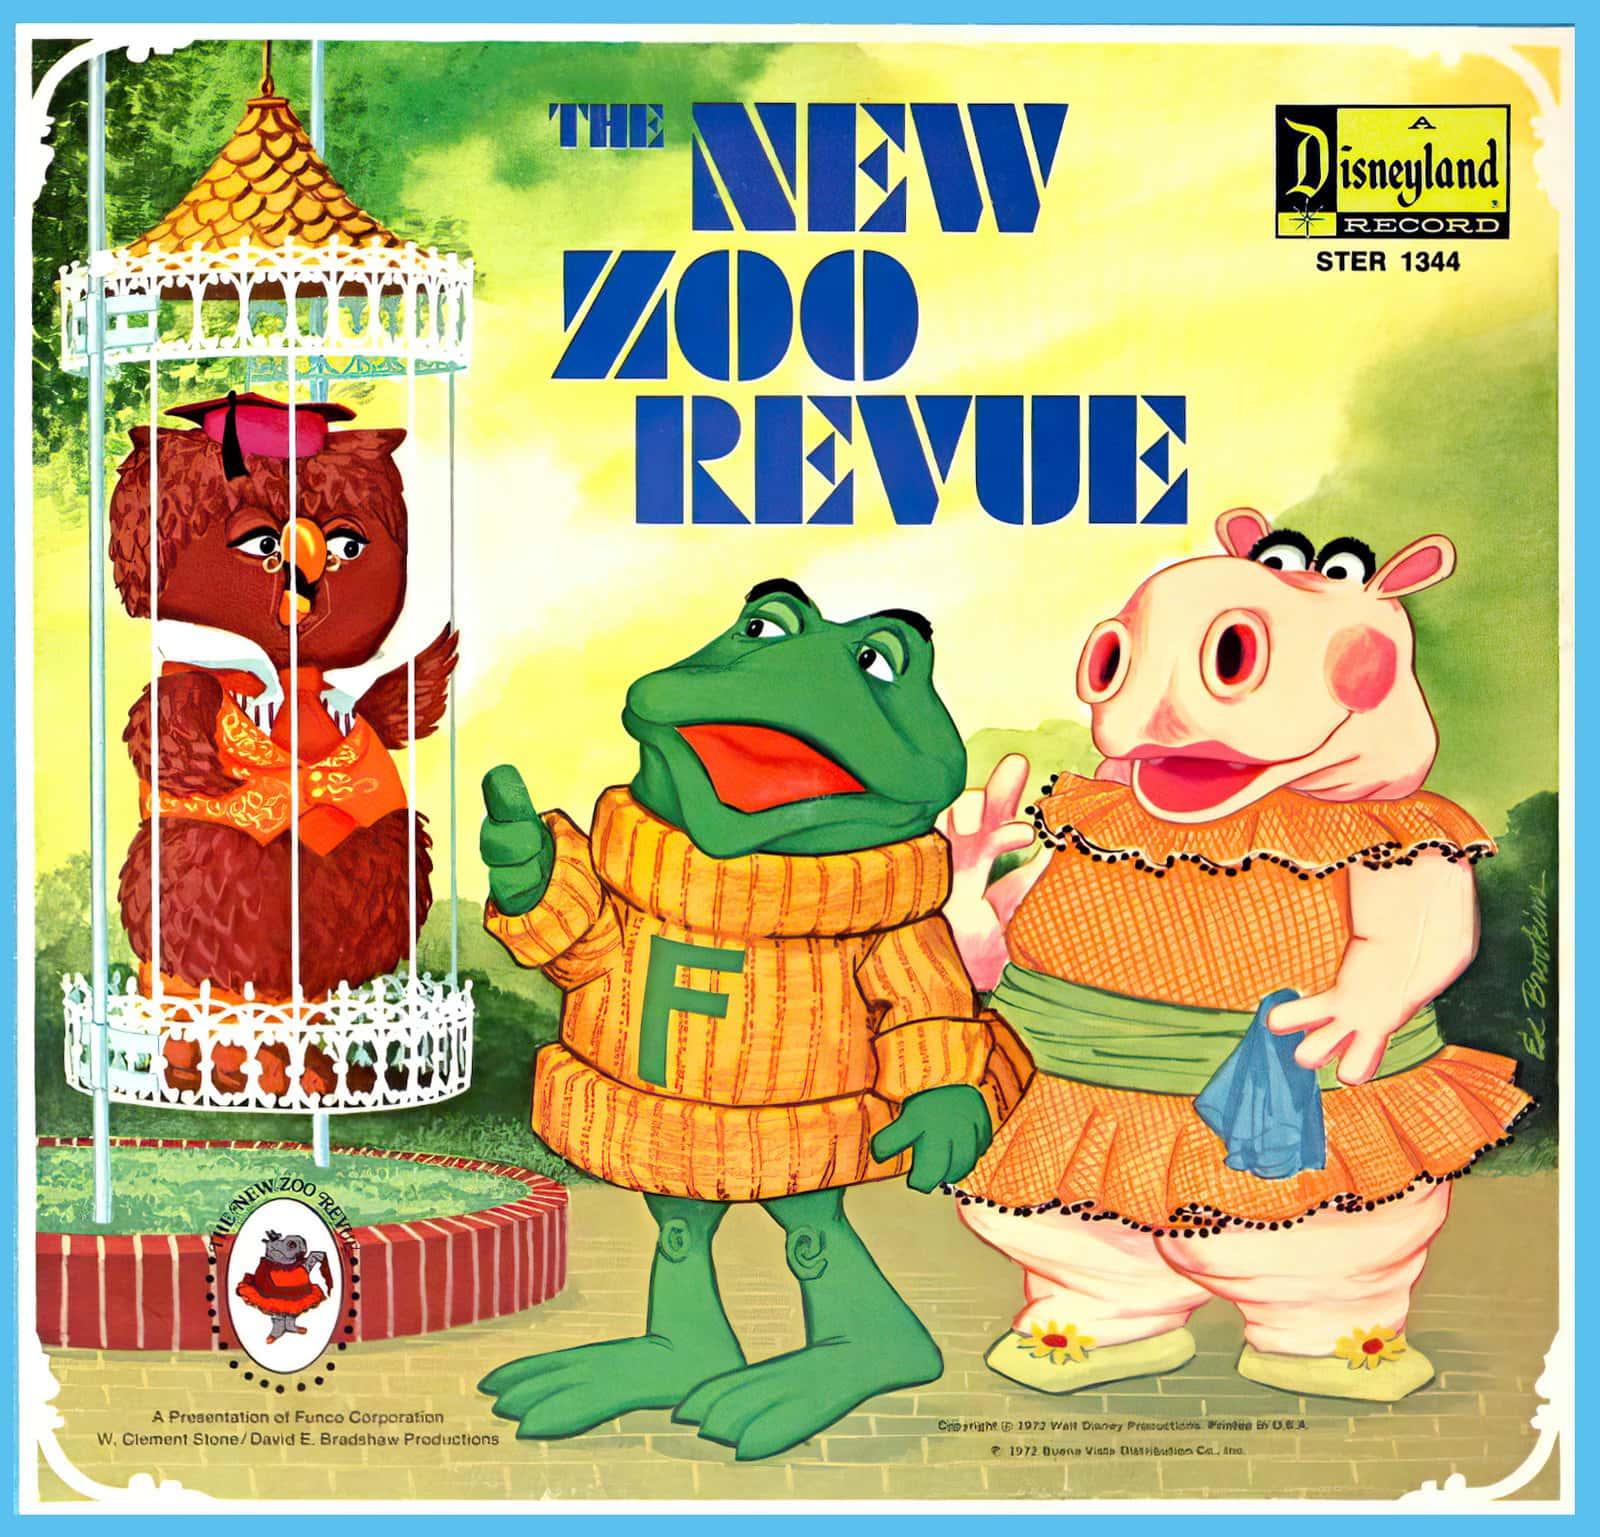 Vintage New Zoo Revue Disneyland record (1970s)